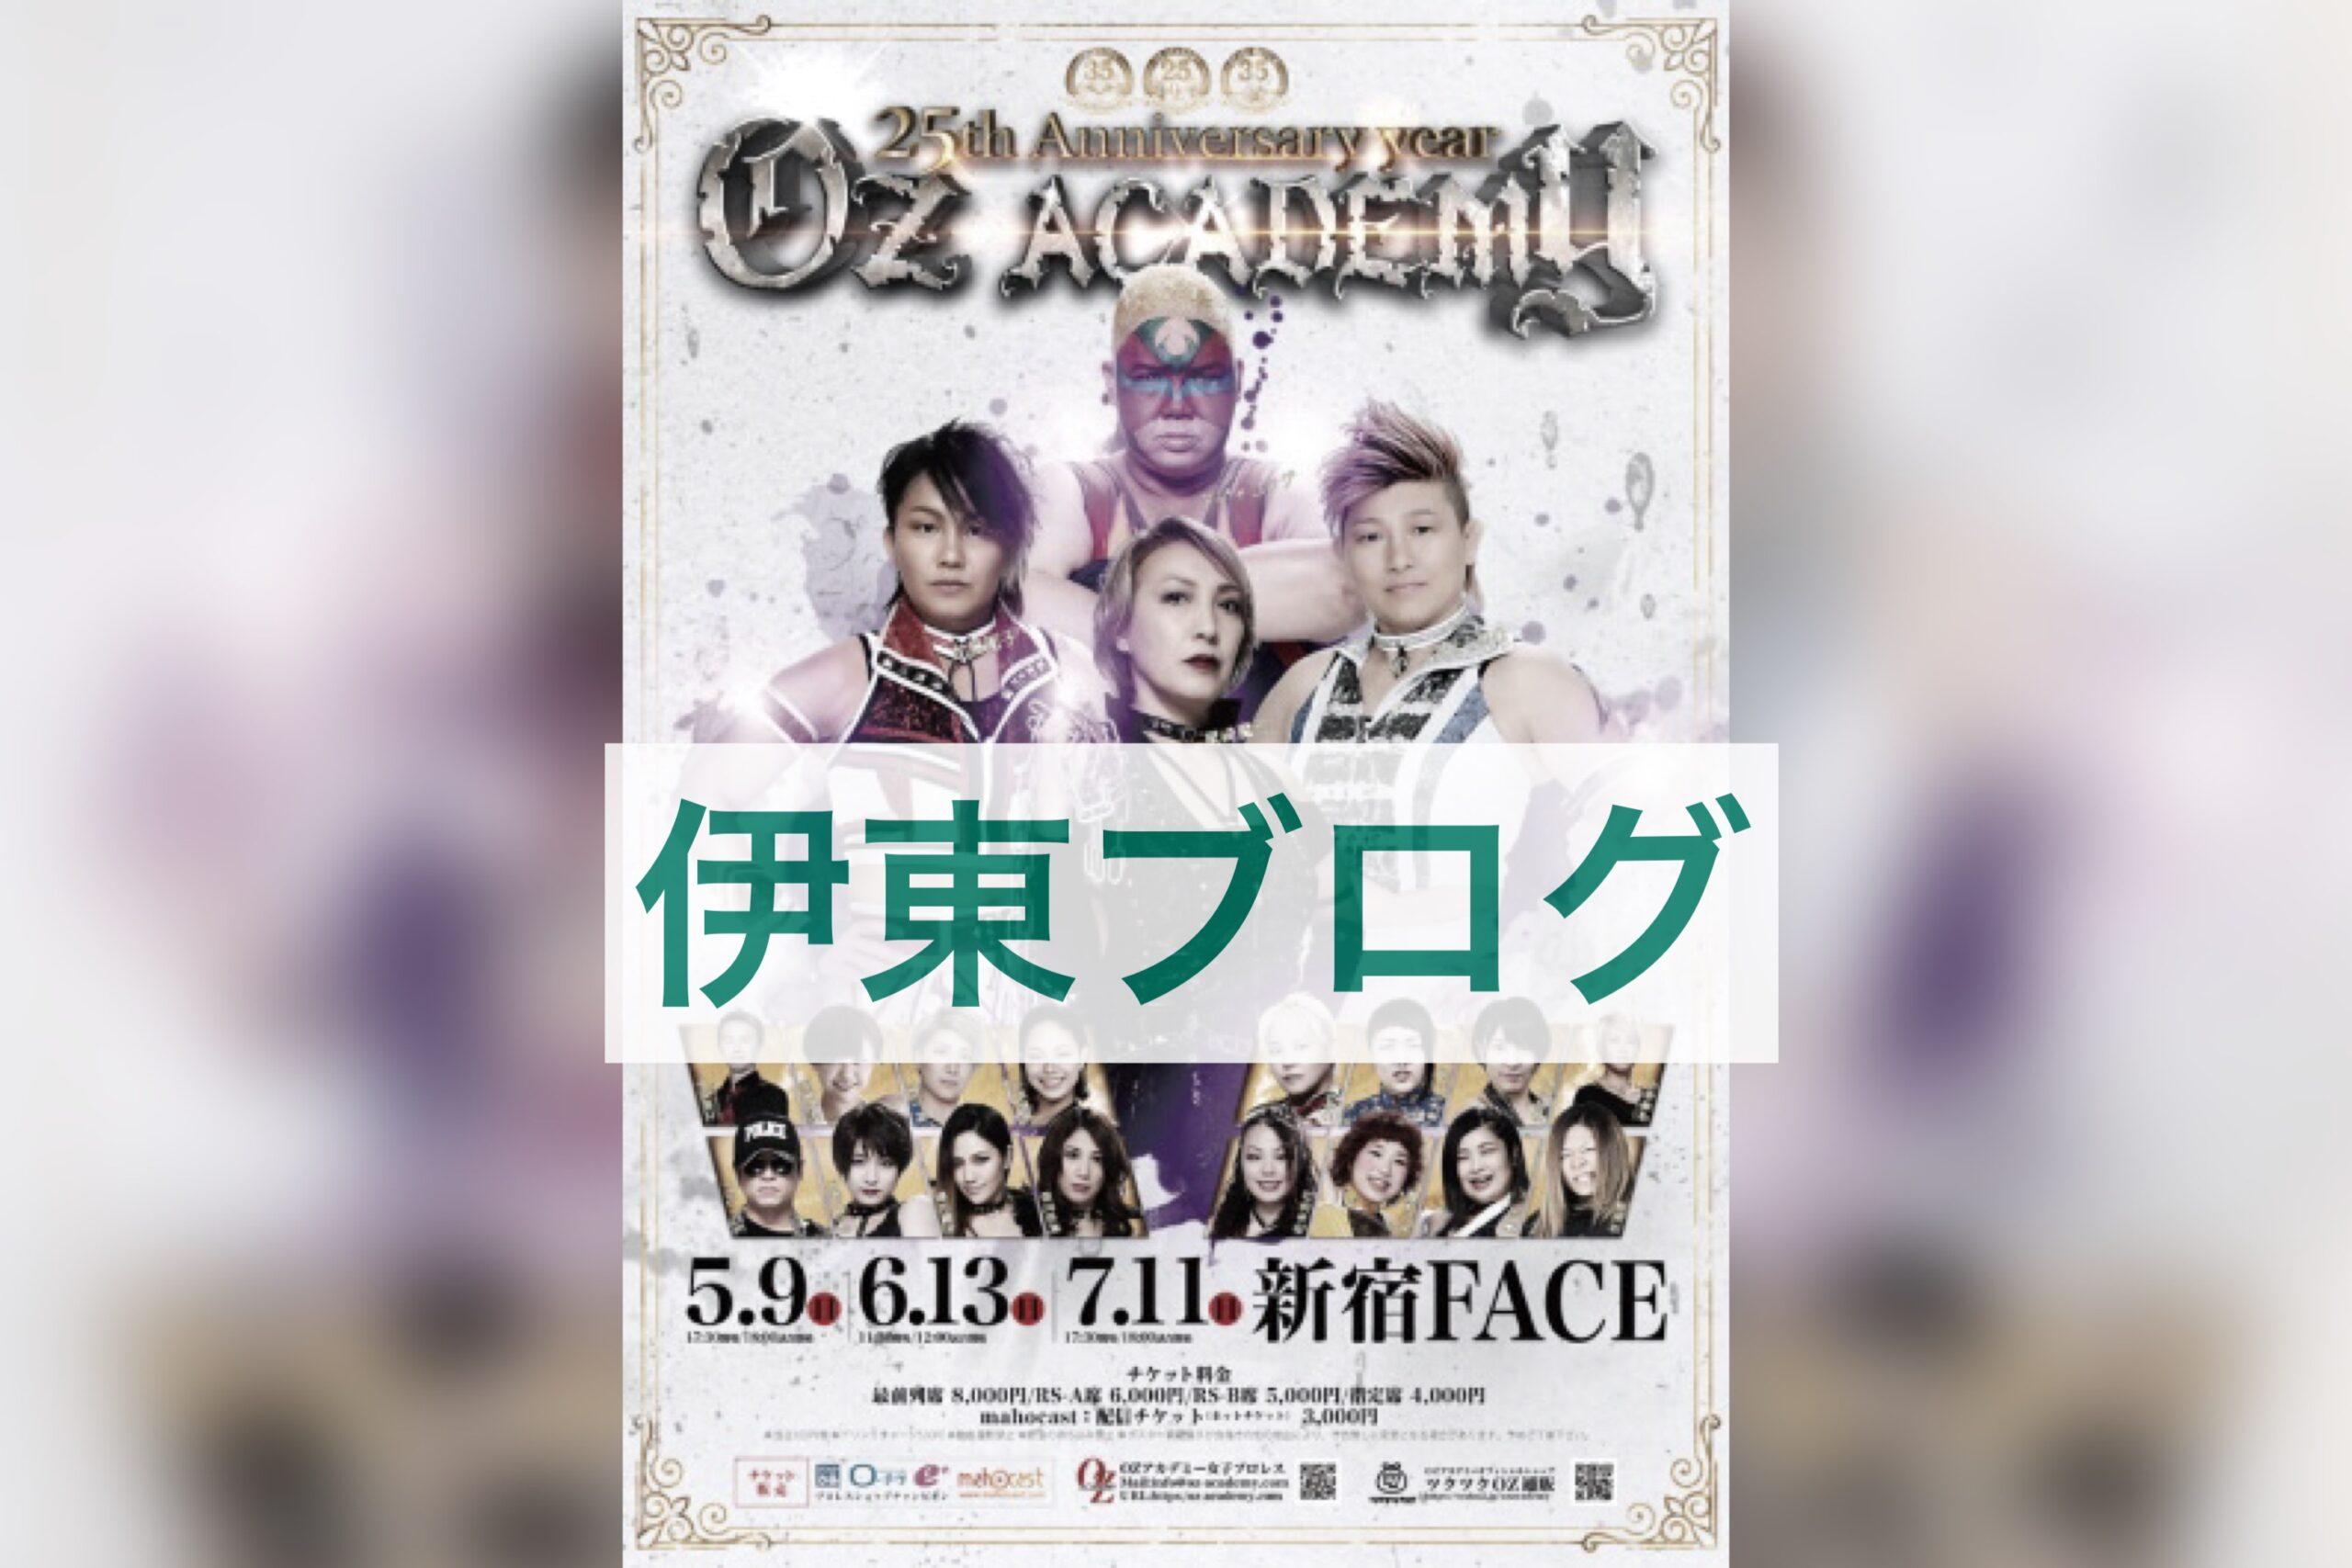 レフェリー伊東のプロレス情報【6月新宿】の写真